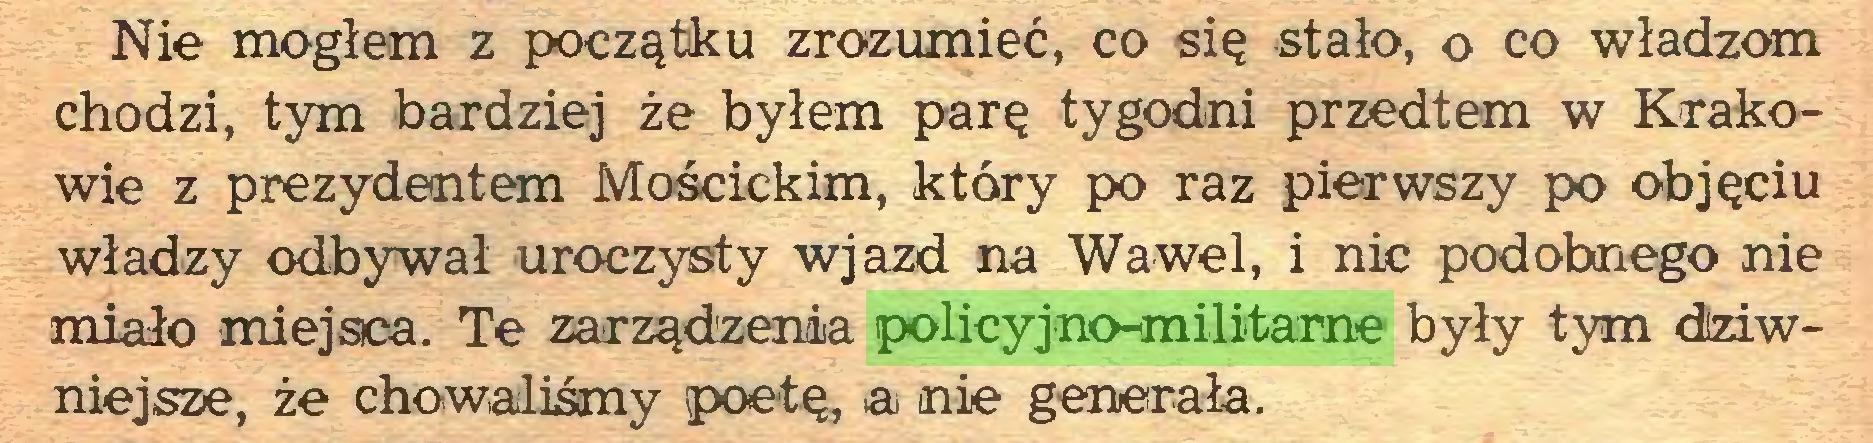 (...) Nie mogłem z początku zrozumieć, co się stało, o co władzom chodzi, tym bardziej że byłem parę tygodni przedtem w Krakowie z prezydentem Mościckim, który po raz pierwszy po objęciu władzy odbywał uroczysty wjazd na Wawel, i nic podobnego nie miało miejsca. Te zarządzenia policyjno-militarne były tym dziwniejsze, że chowaliśmy poetę, ai nie generała...